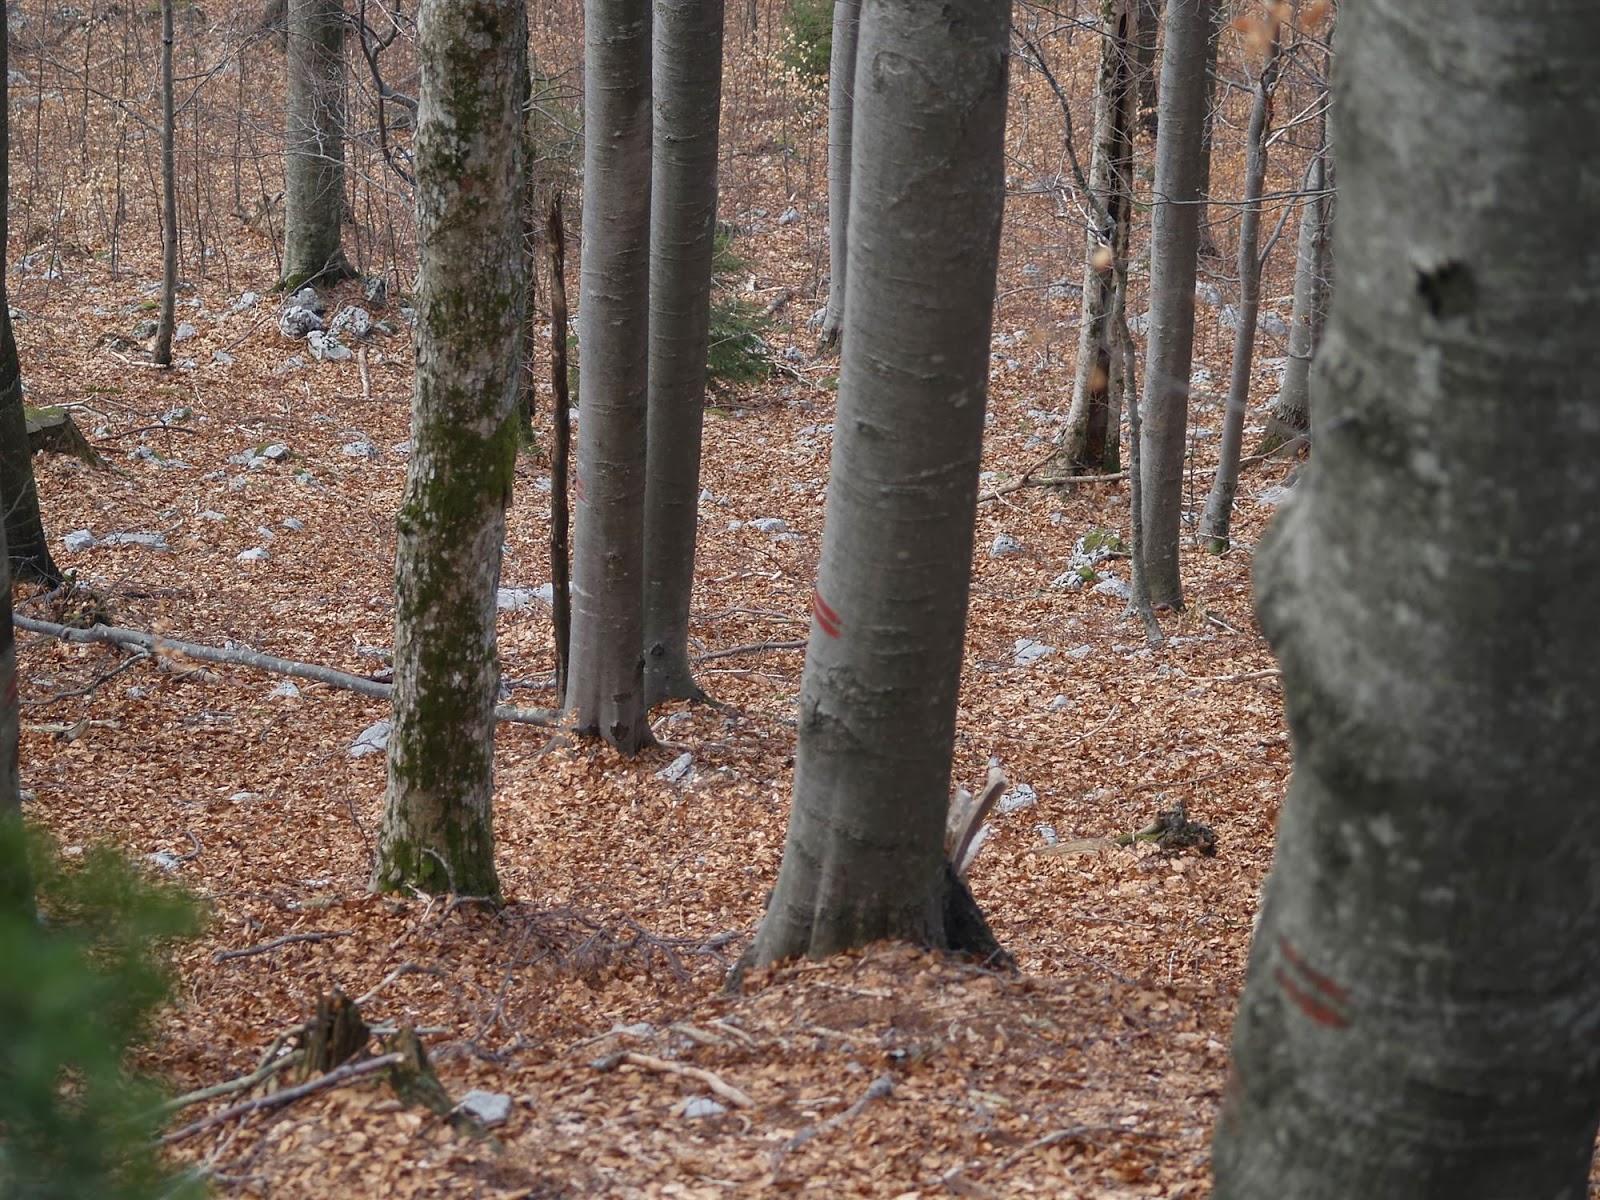 Orientacijski vikend, Črni dol 2007 - P0176124.JPG